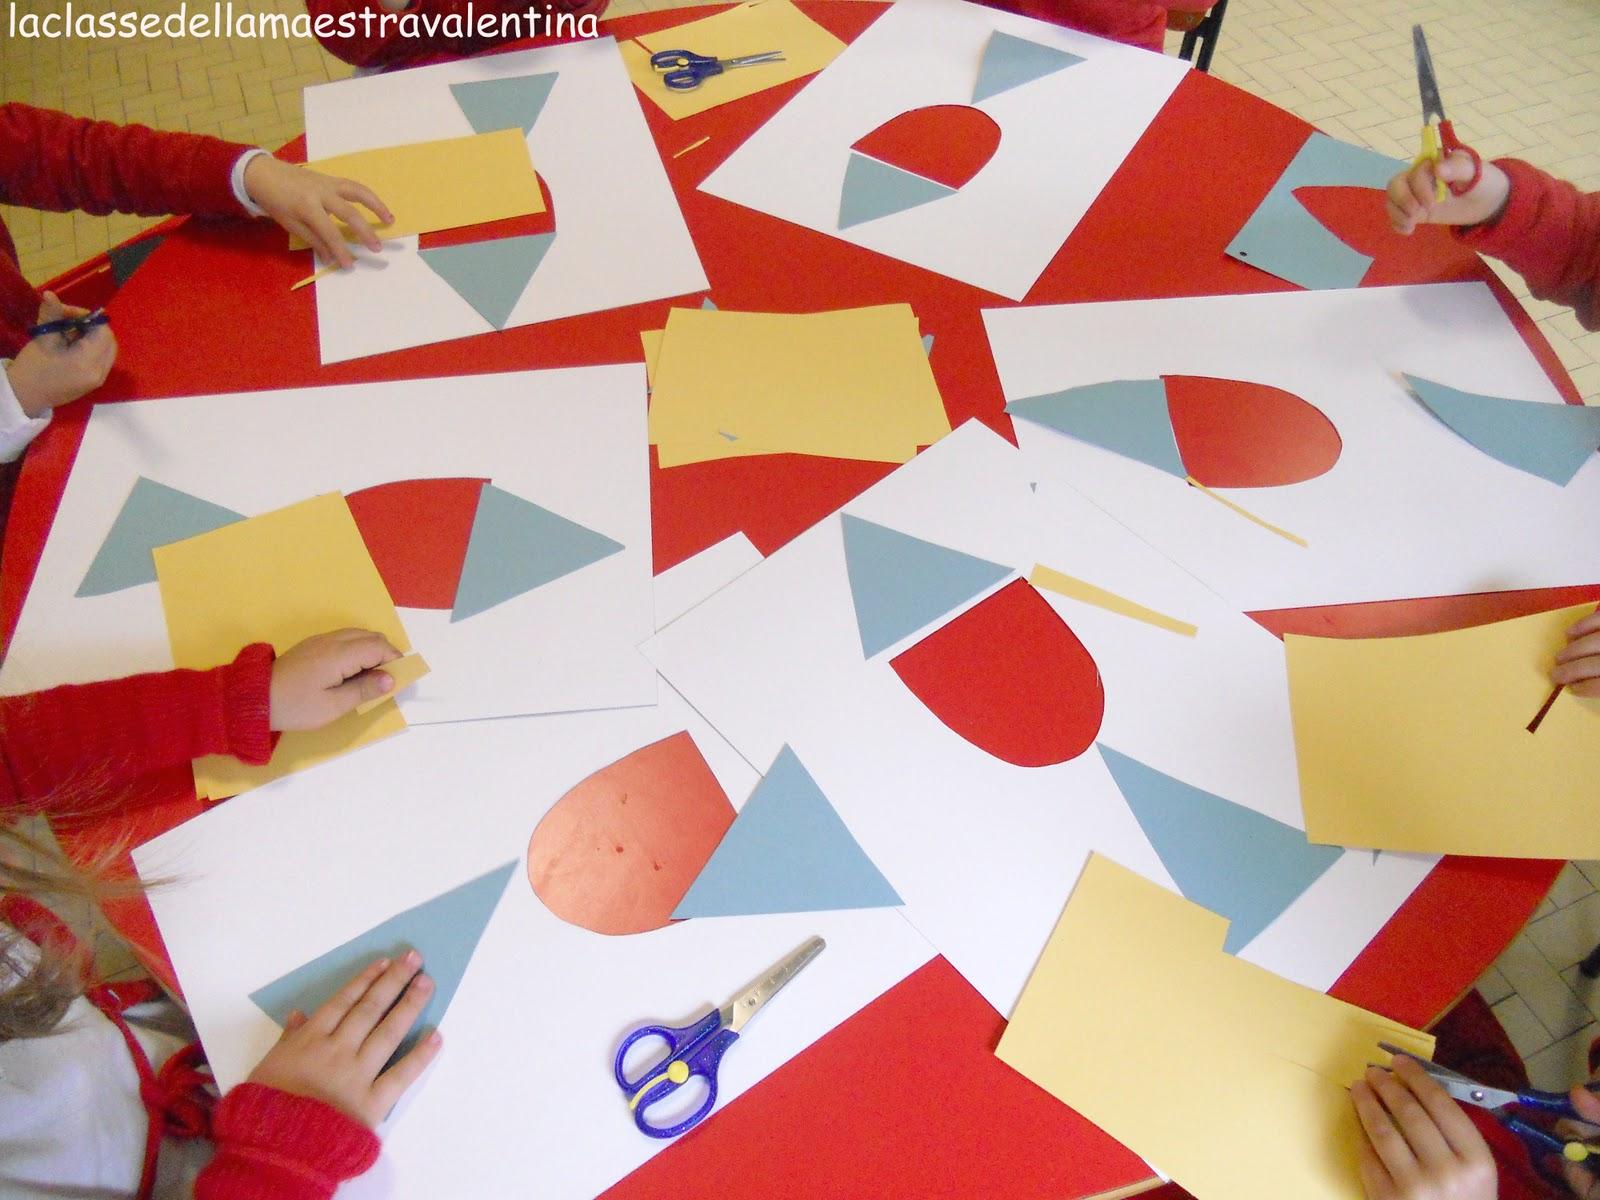 La classe della maestra valentina fatine e pagliacci for La classe della maestra valentina accoglienza